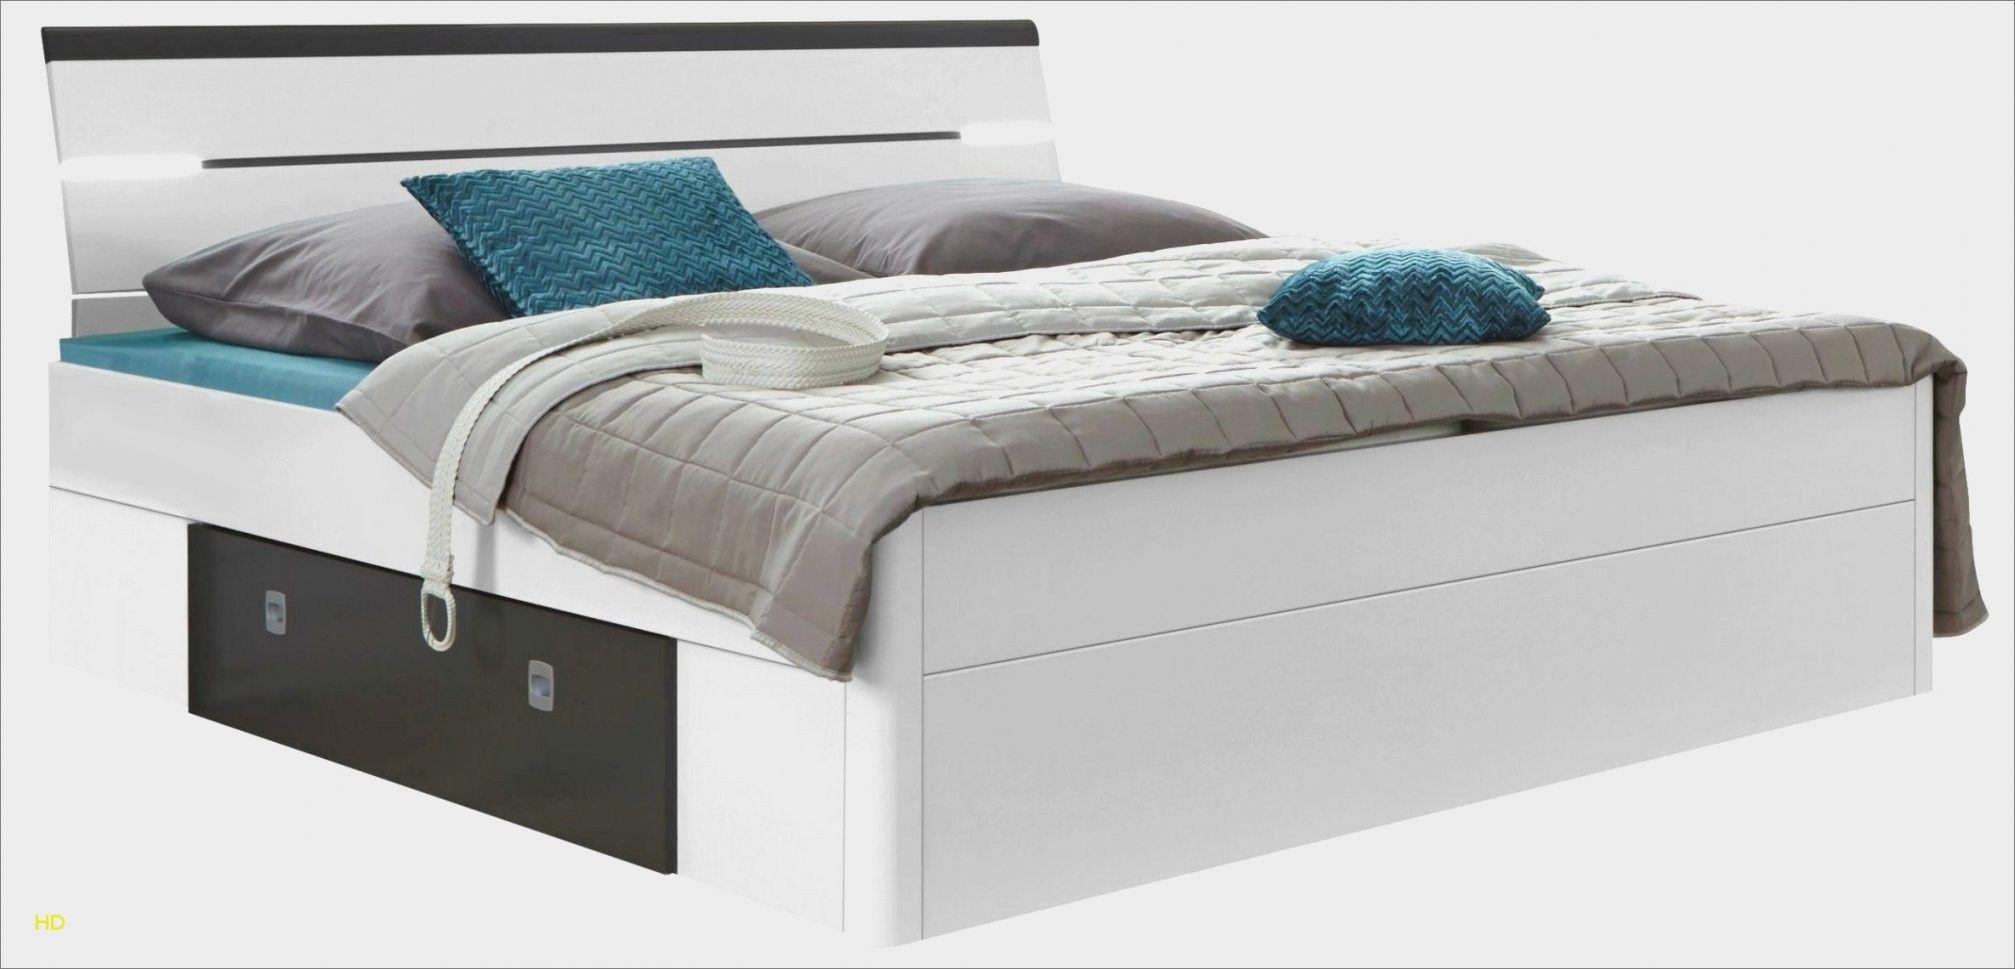 Ikea Lattenbodem 140x200 Liefelijk 20 Fresh Bett 140x200 Inkl Von Bett 140x200 Mit Matratze Und Latte In 2020 Bett Modern Luxusschlafzimmer Big Sofa Mit Schlaffunktion